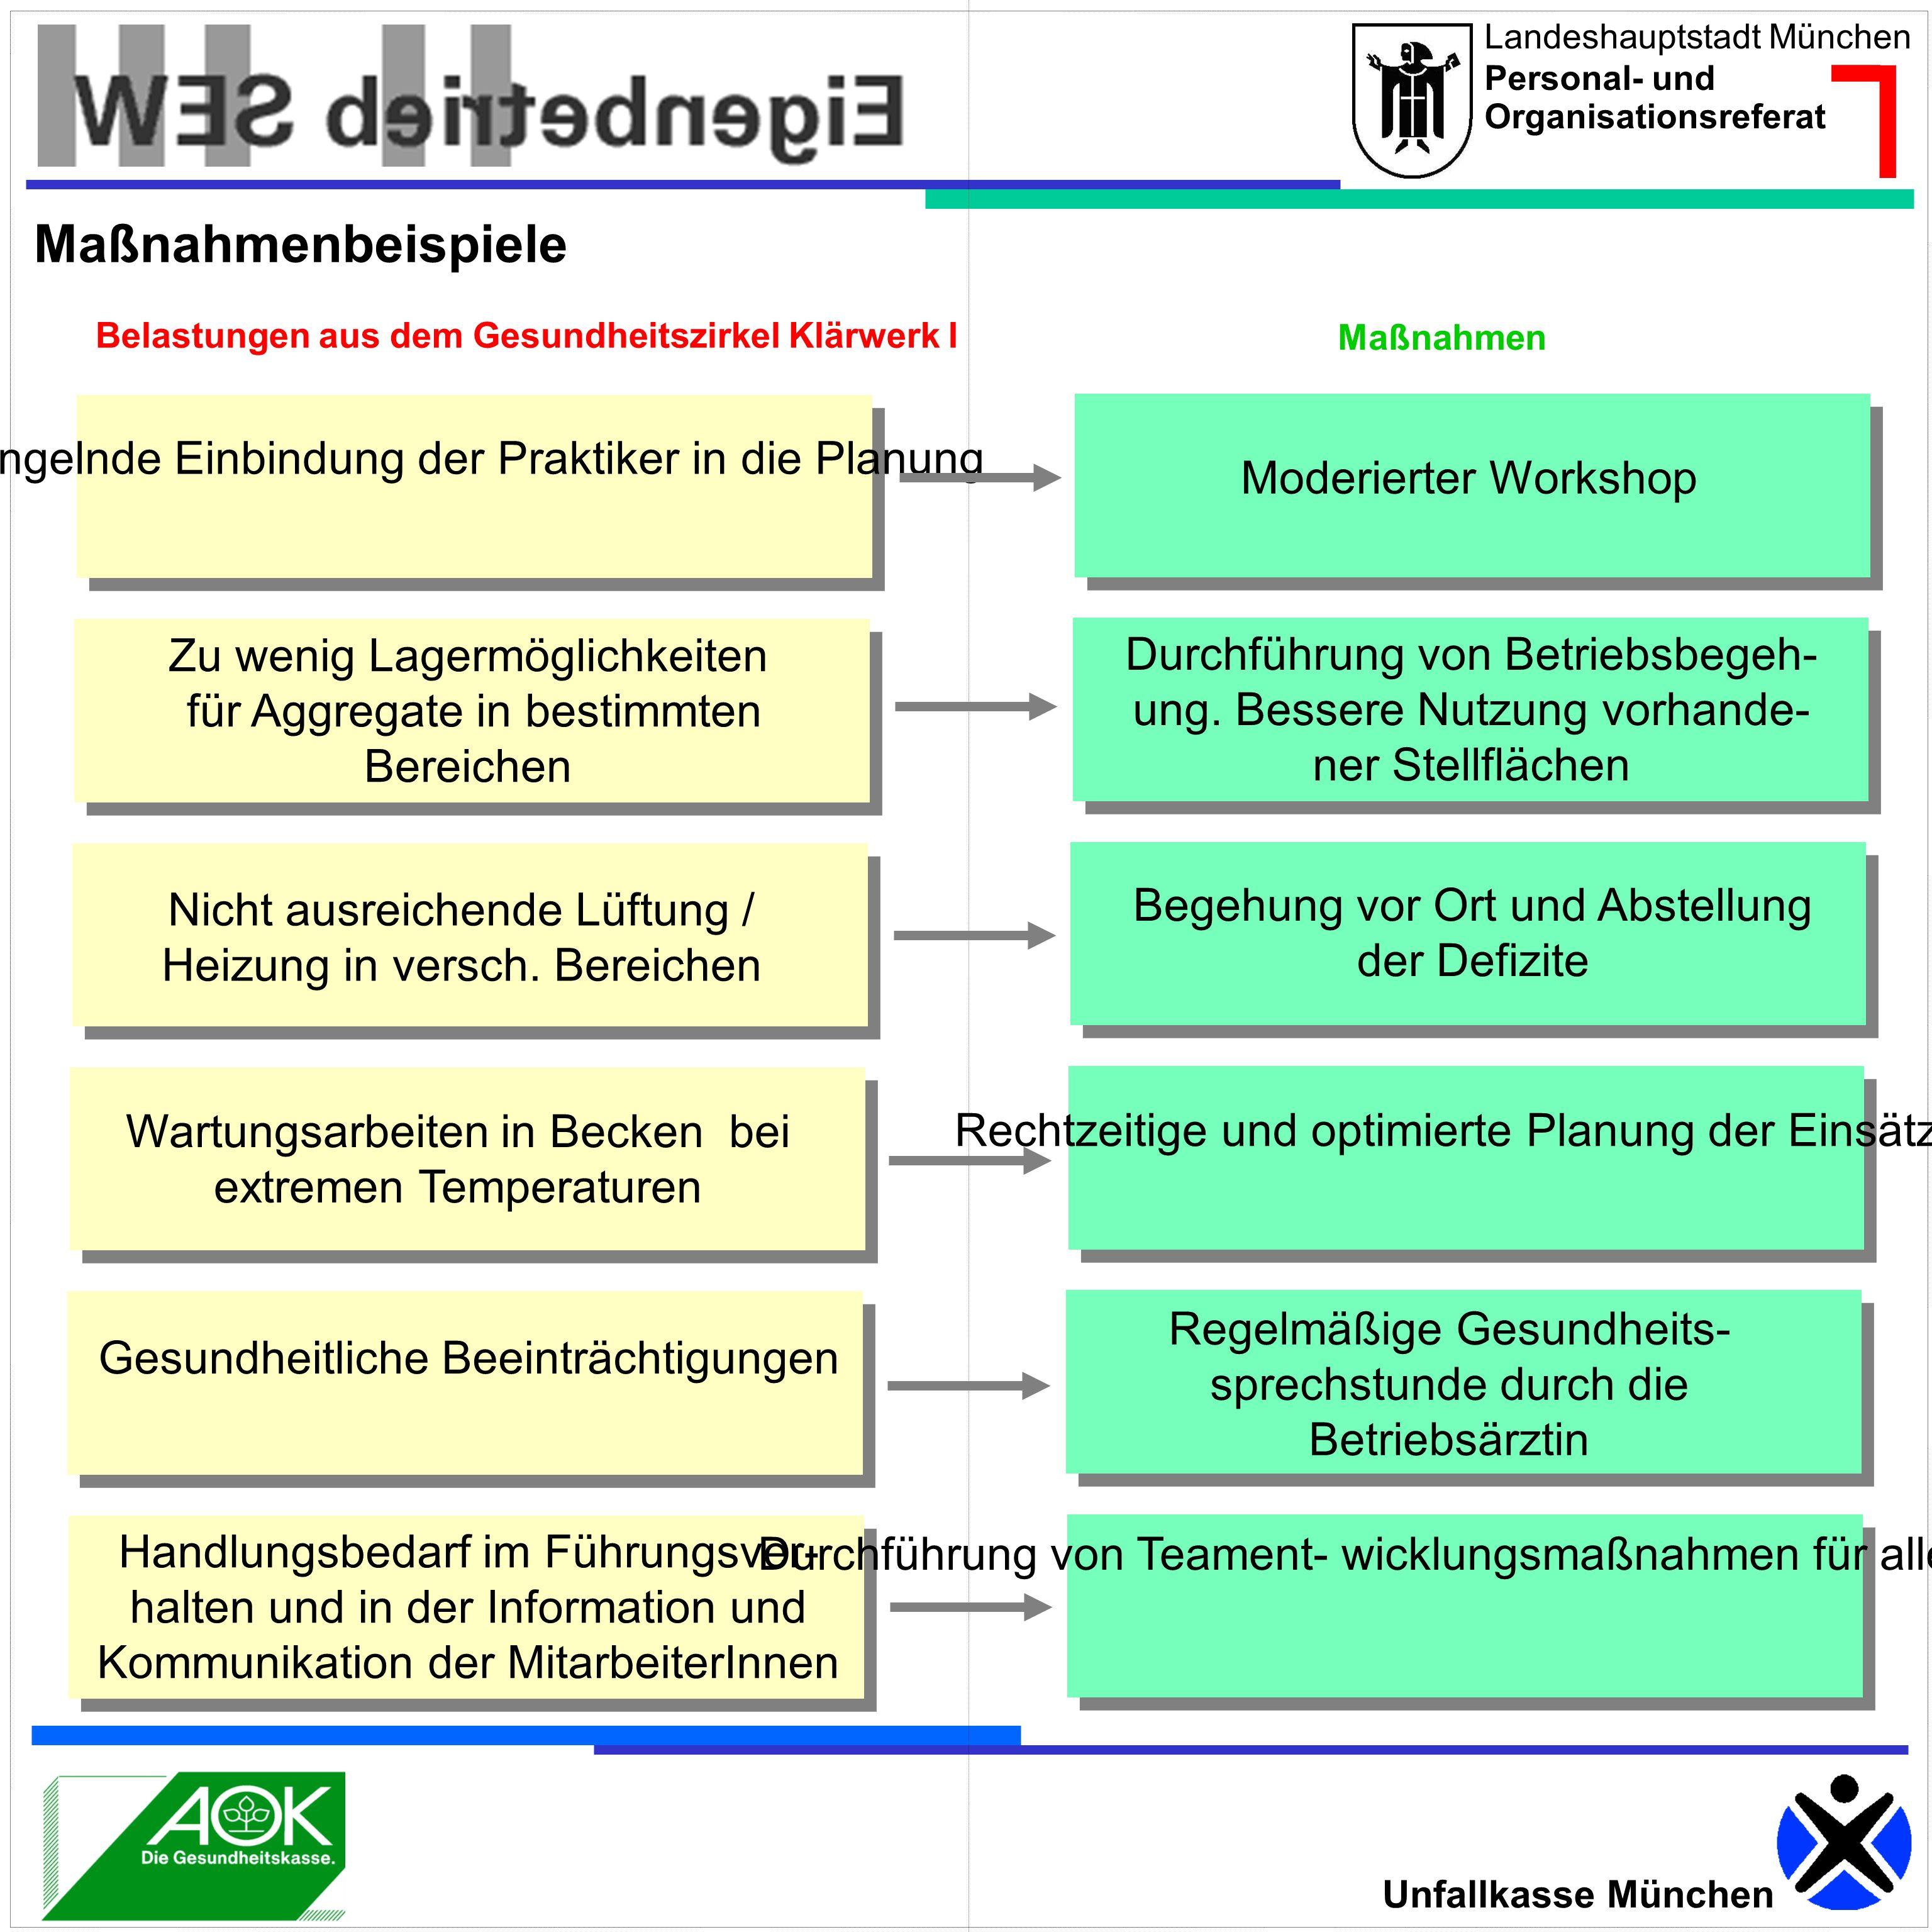 Landeshauptstadt München Personal- und Organisationsreferat Unfallkasse München Mangelnde Einbindung der Praktiker in die Planung Moderierter Workshop